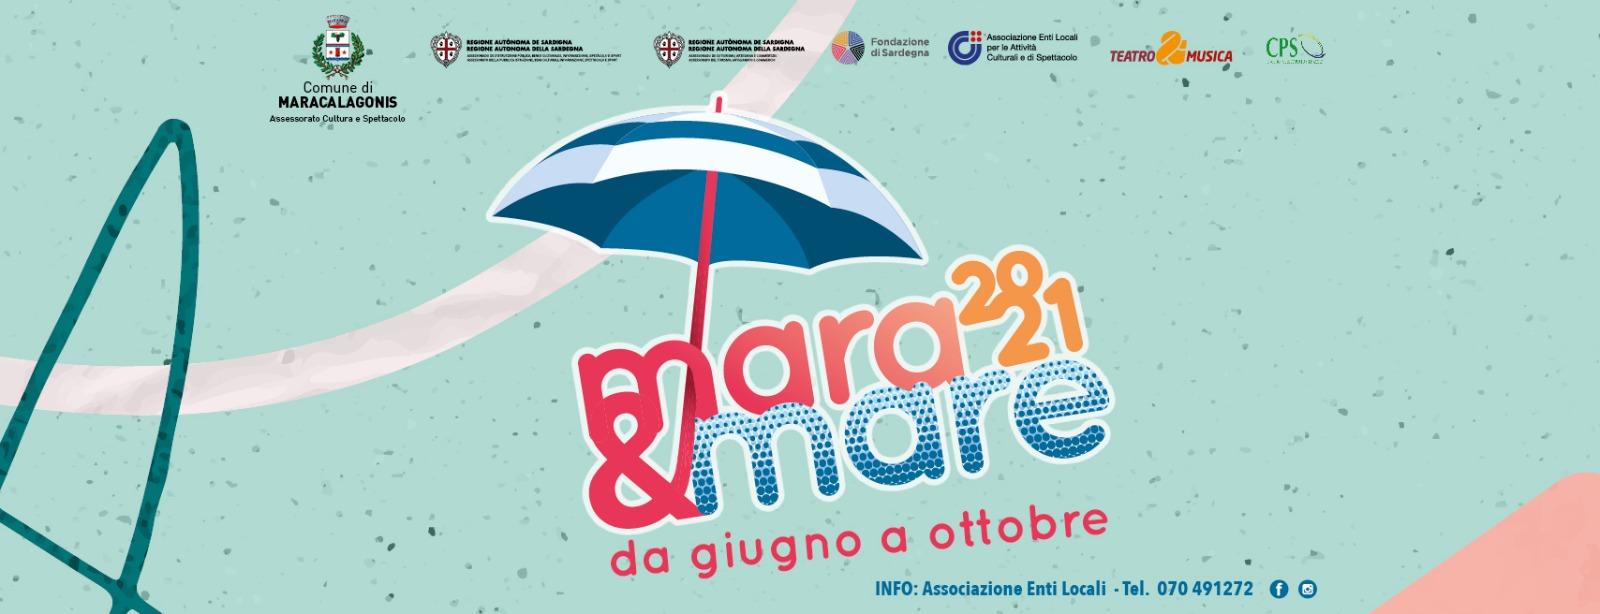 5 luglio (Lunedì) piazza Giovanni XXIII - ISOLE IN FESTA - Giuliano Marongiu